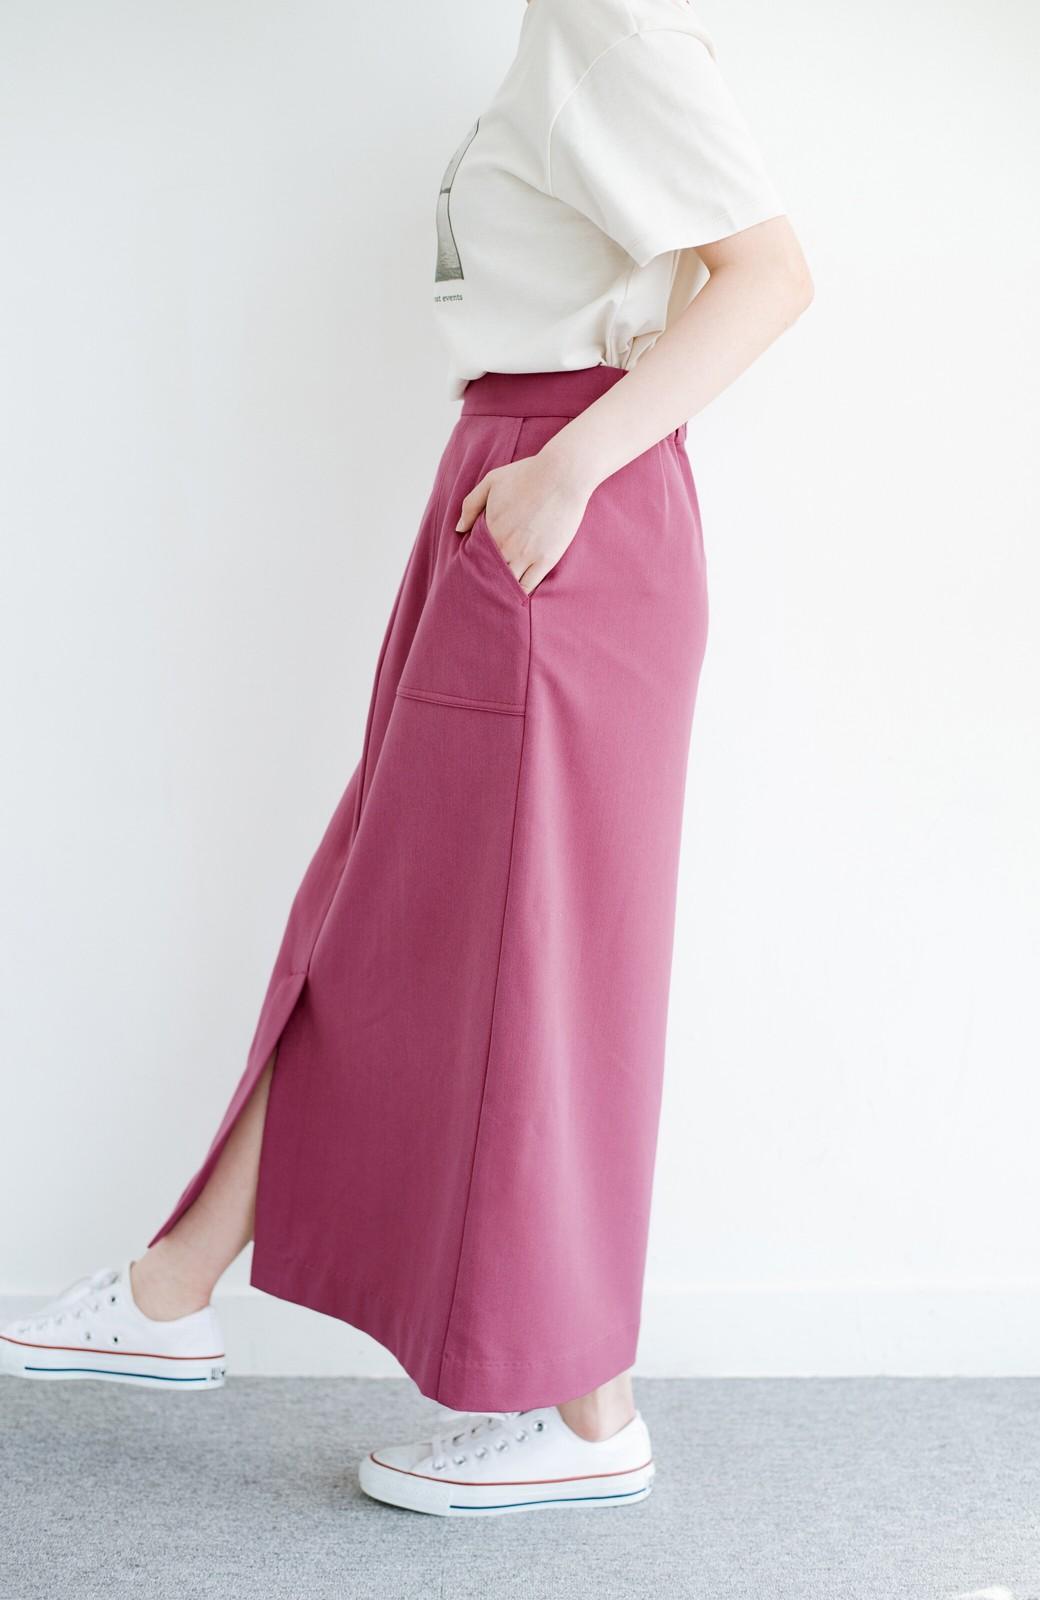 haco! カジュアルにもきれいめにも着られて便利 スリットが女っぽいセミタイトスカート <ピンク>の商品写真5